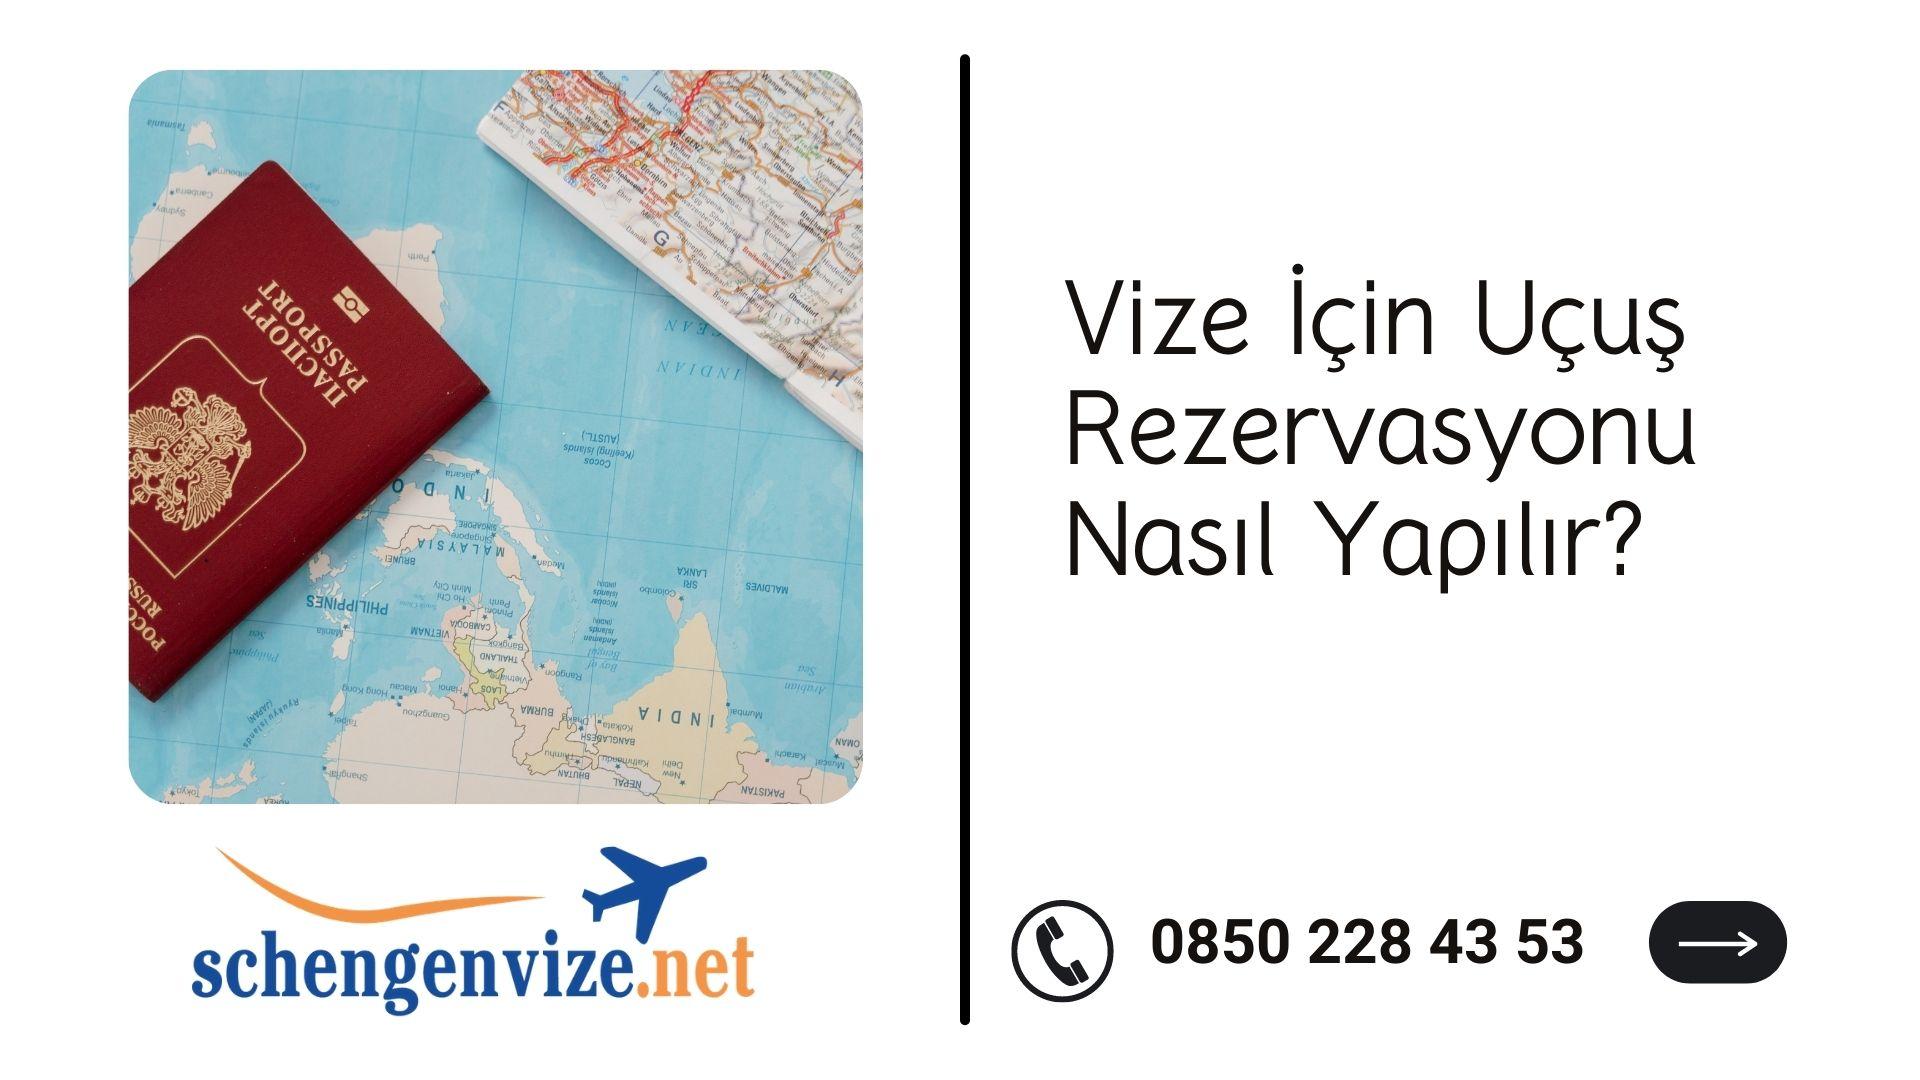 Vize İçin Uçuş Rezervasyonu Nasıl Yapılır?